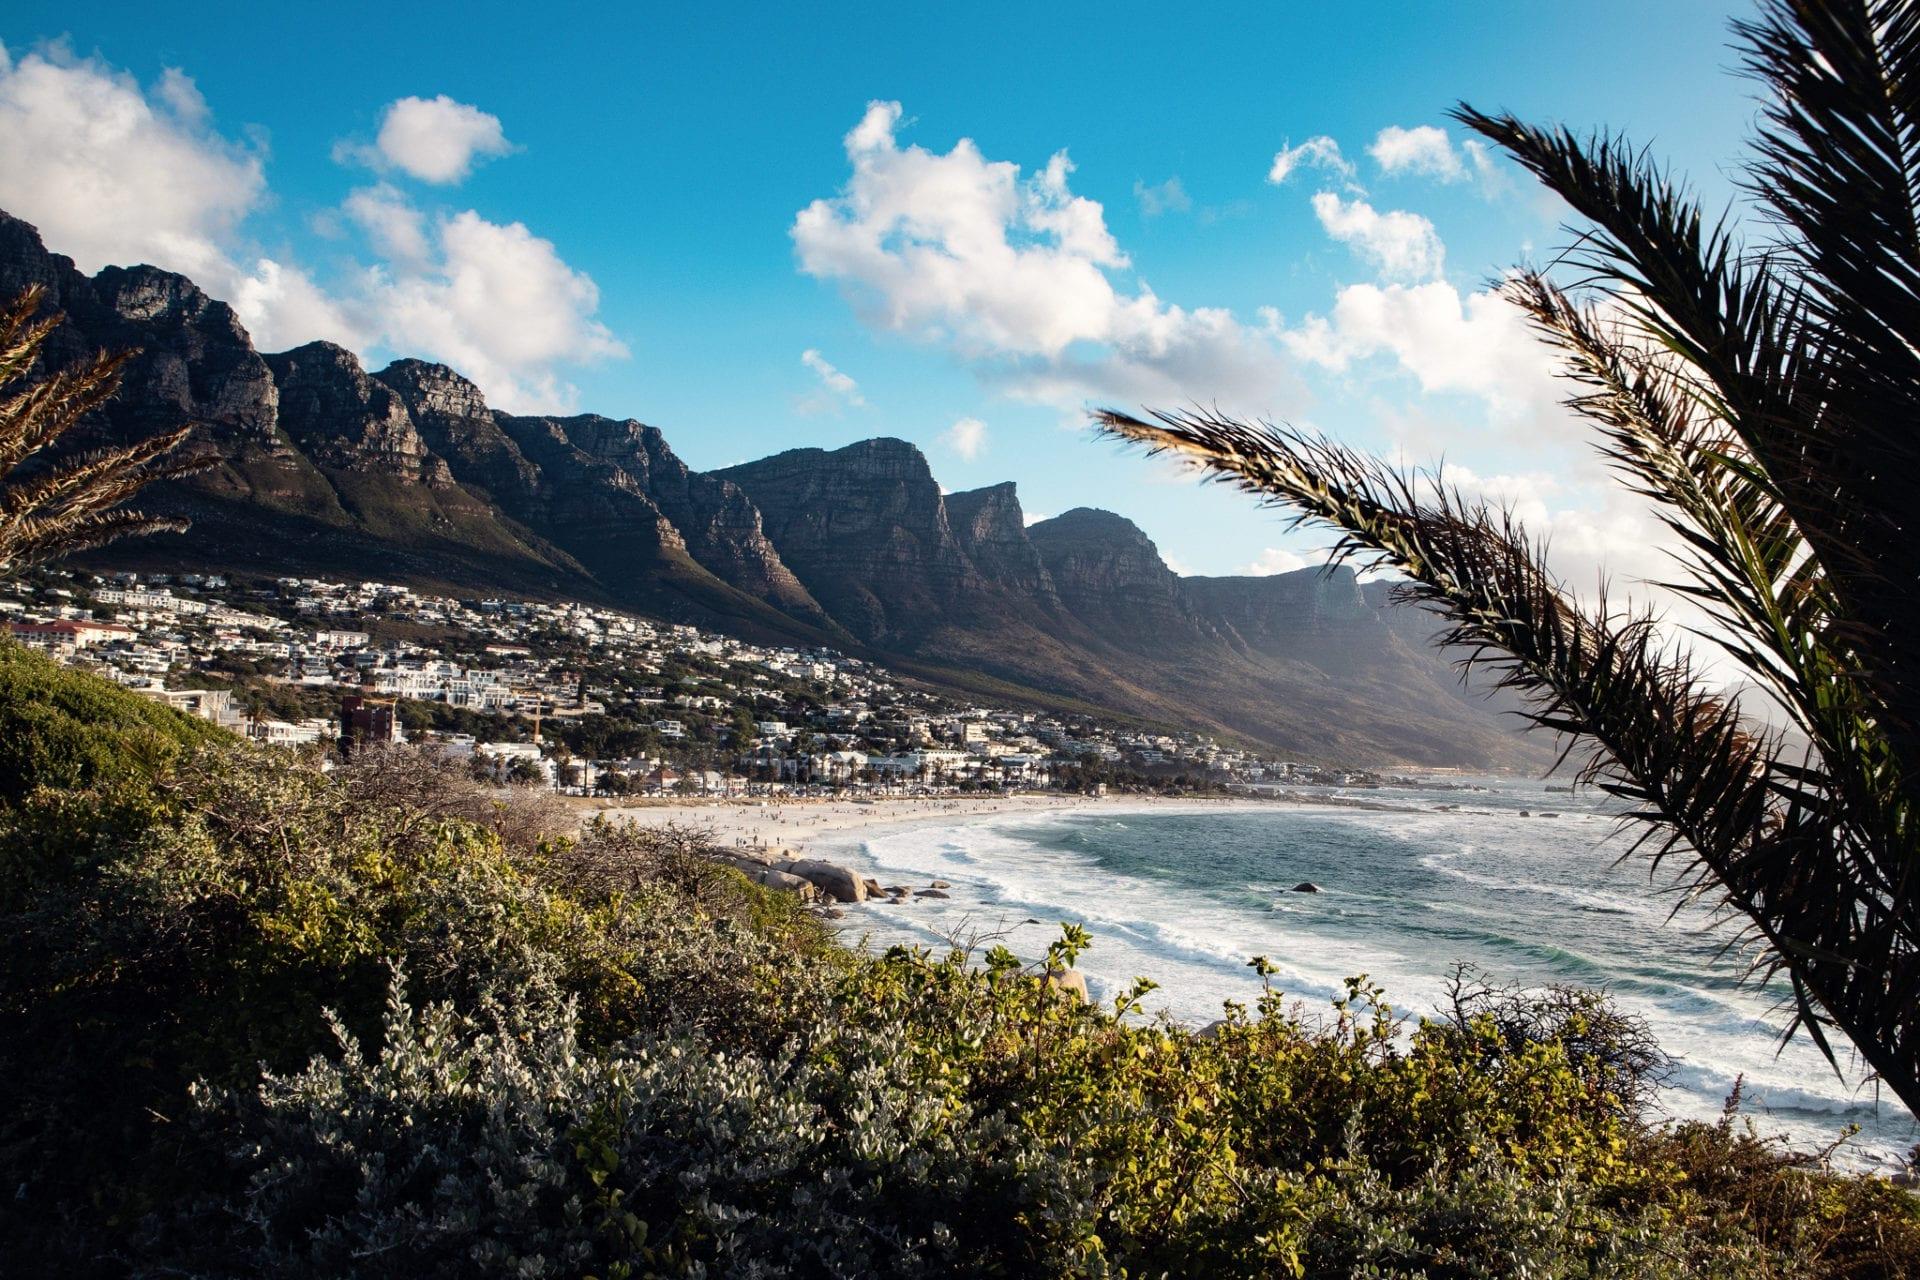 Bästa tiden att resa till Sydafrika och Camps Bay, här i skuggan av Taffelberget, är i slutet på januari